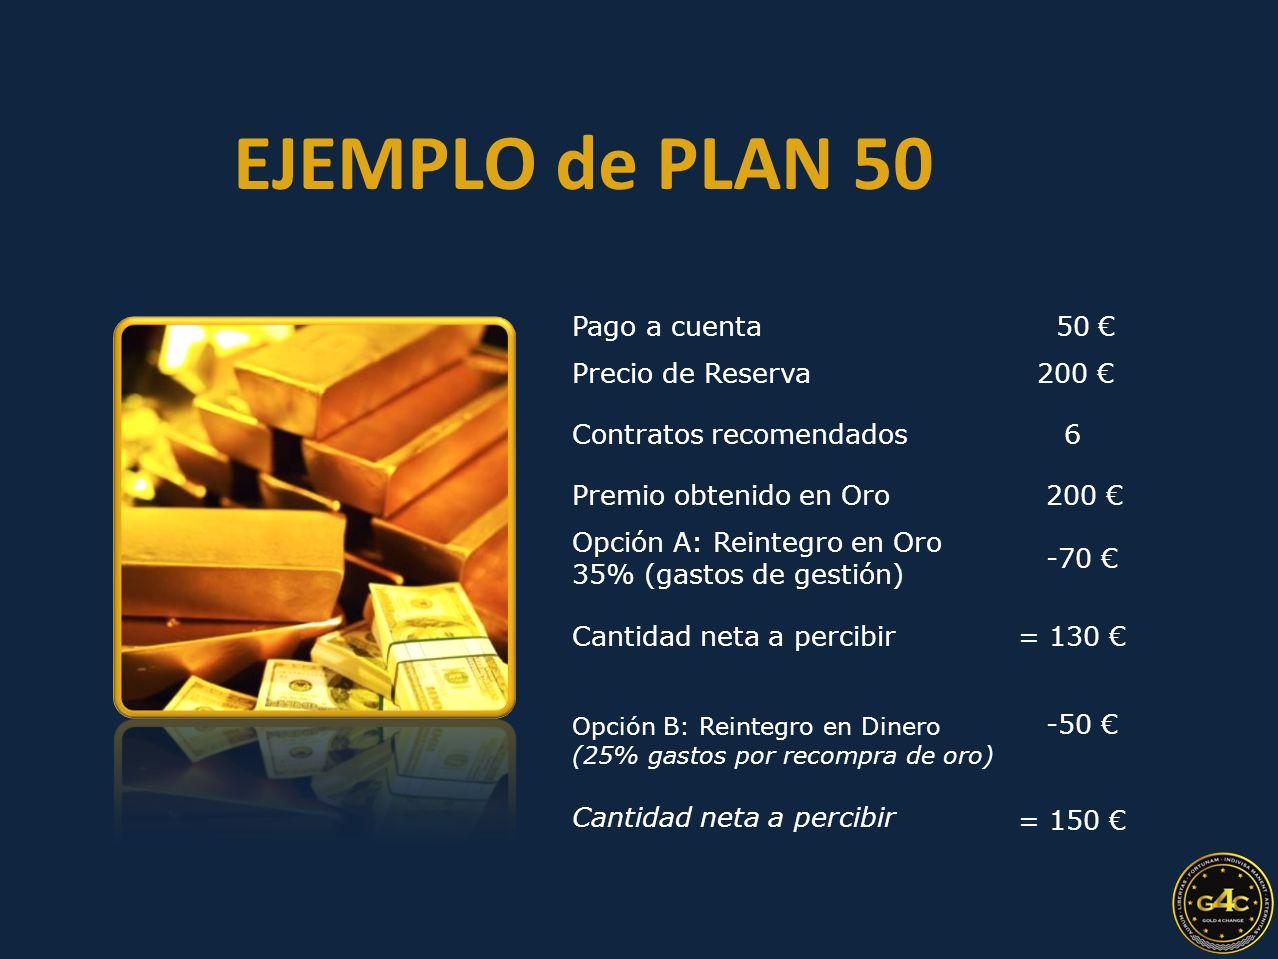 EJEMPLO de PLAN 50 Pago a cuenta 50 € Precio de Reserva 200 € Contratos recomendados 6 Premio obtenido en Oro 200 € Opción A: Reintegro en Oro 35% (gastos de gestión) -70 € Cantidad neta a percibir = 130 € Opción B: Reintegro en Dinero (25% gastos por recompra de oro) Cantidad neta a percibir -50 € = 150 €